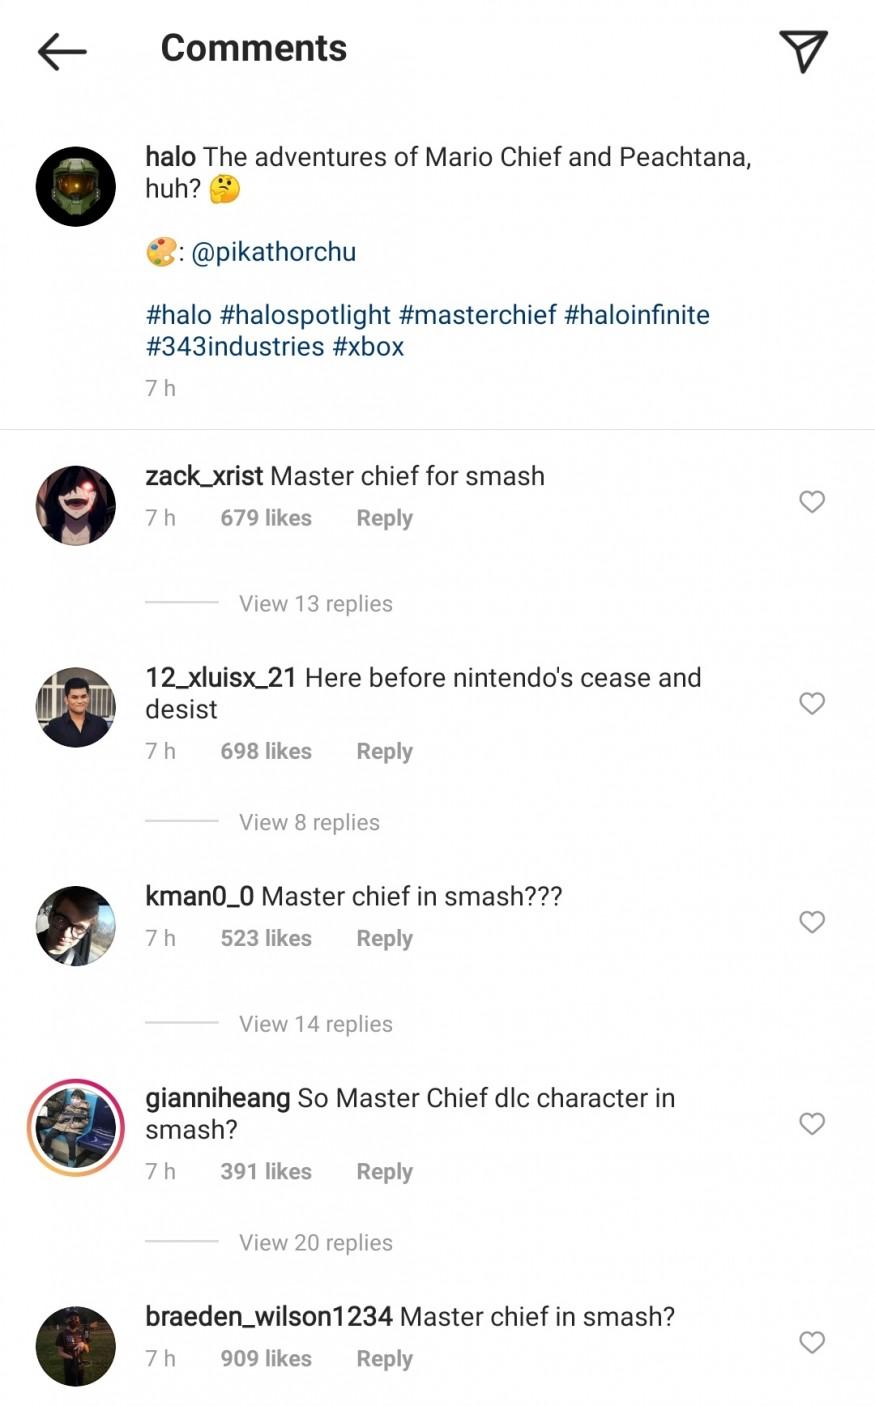 Offizieller Halo-Account teilt Crossover-Bild mit Super Mario